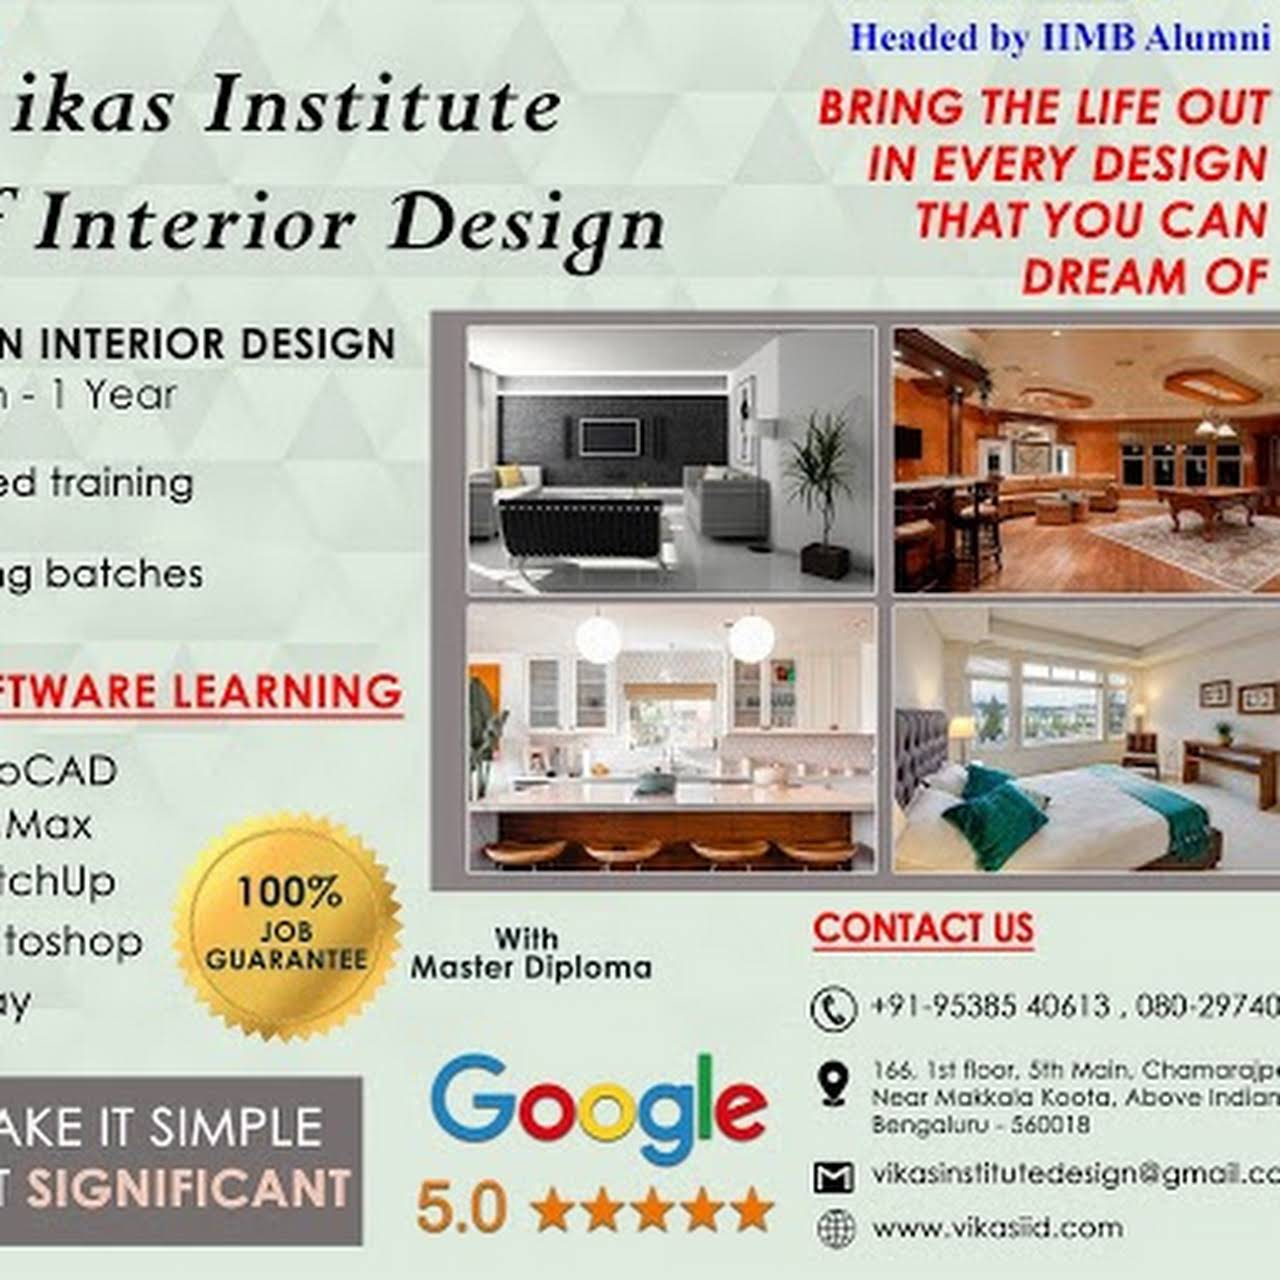 Vikas Institute Of Interior Design Headed By Iimb Alumnus Interior Design Training Center In Bangalore